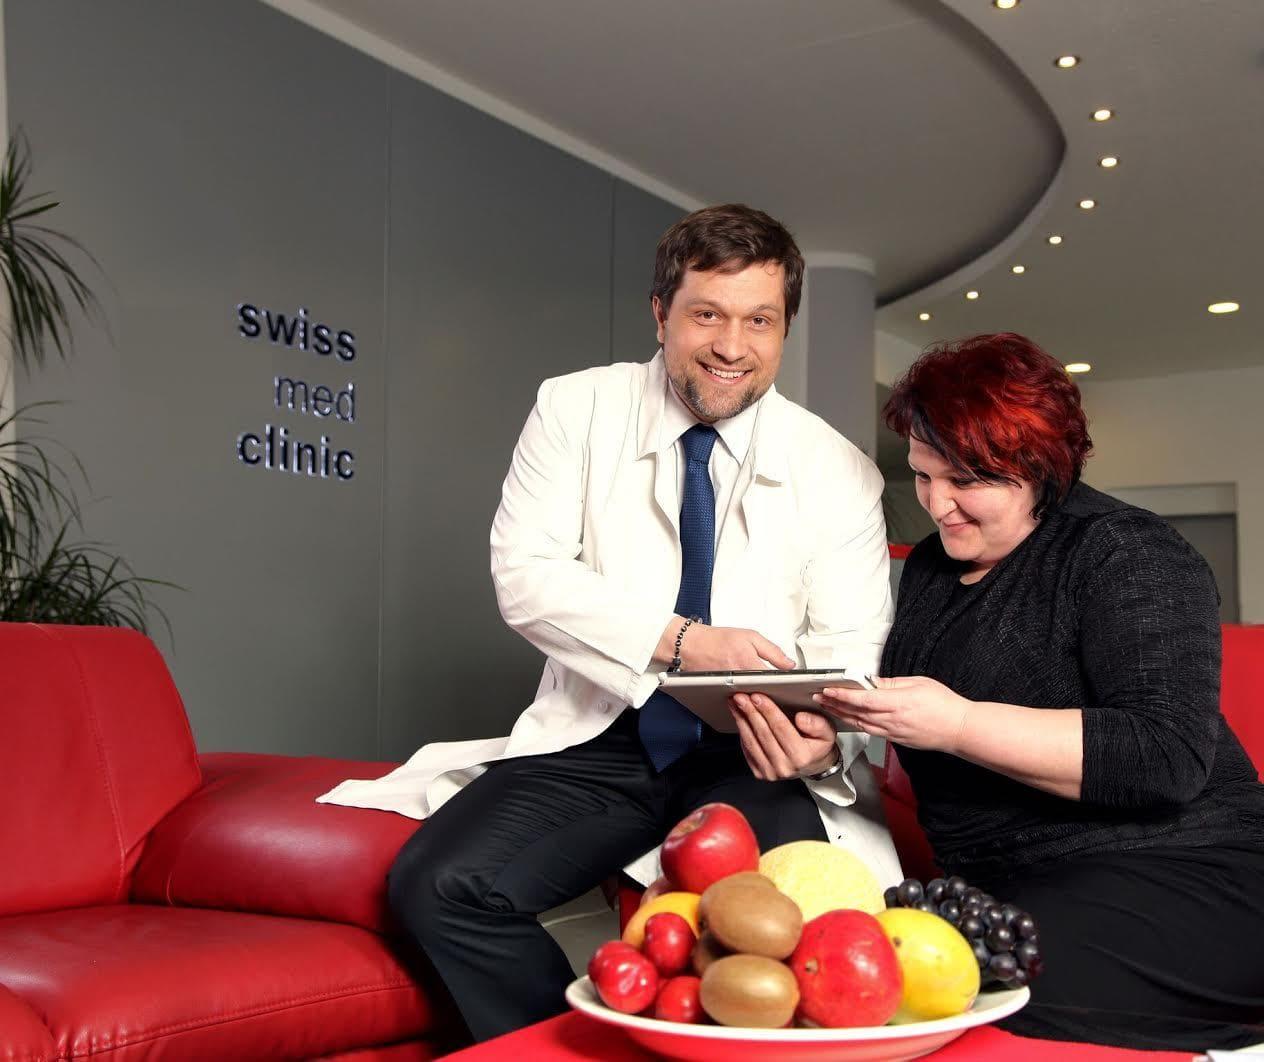 Swissmed Klinik Plana